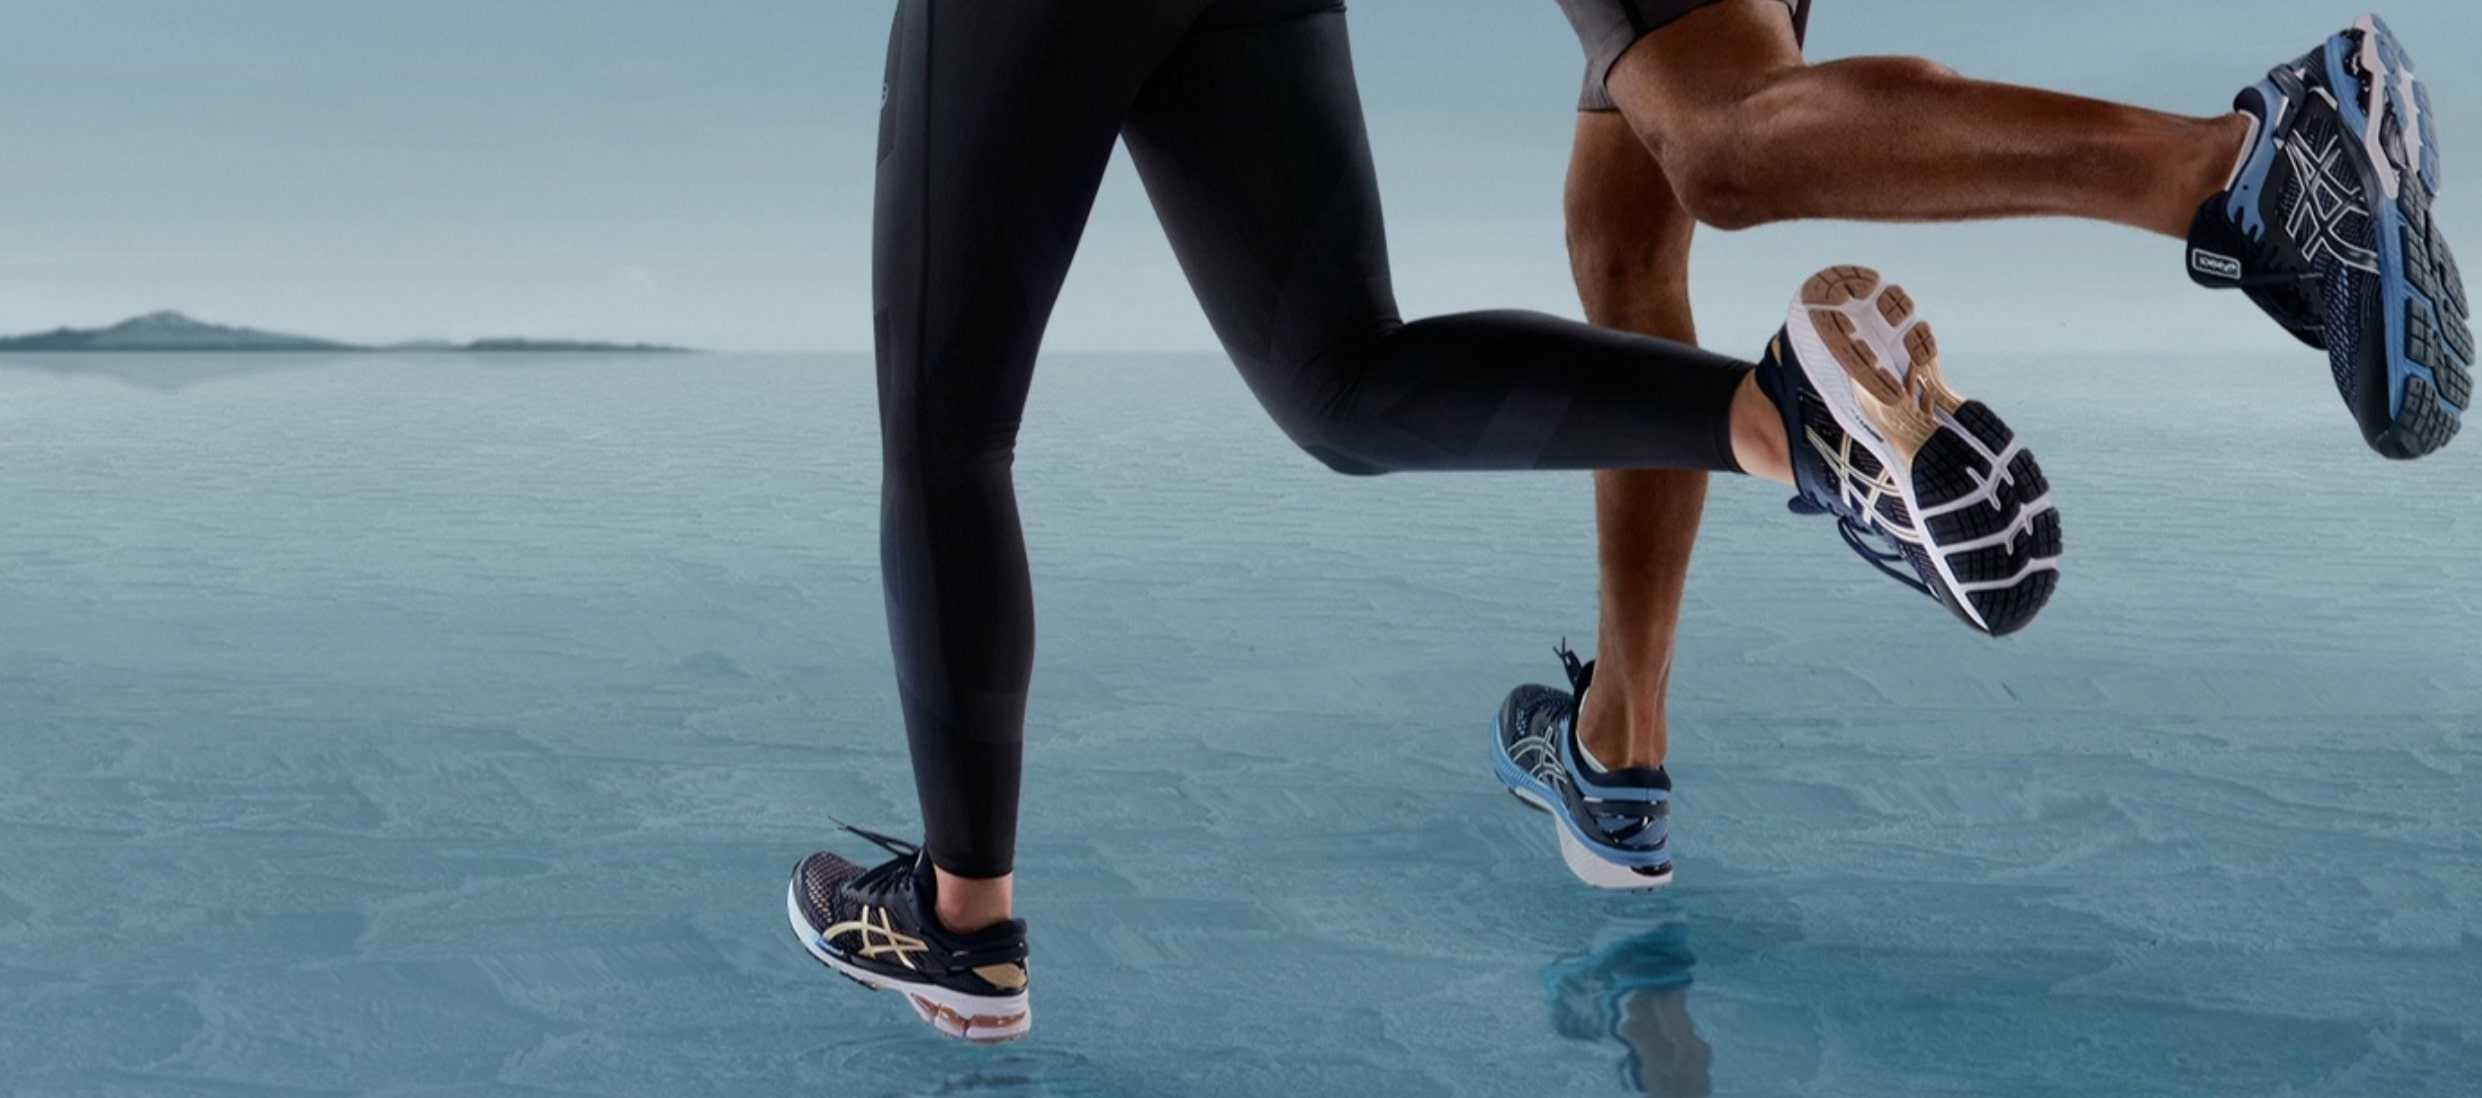 Gambar Sepatu Running yang Bagus Terbaik